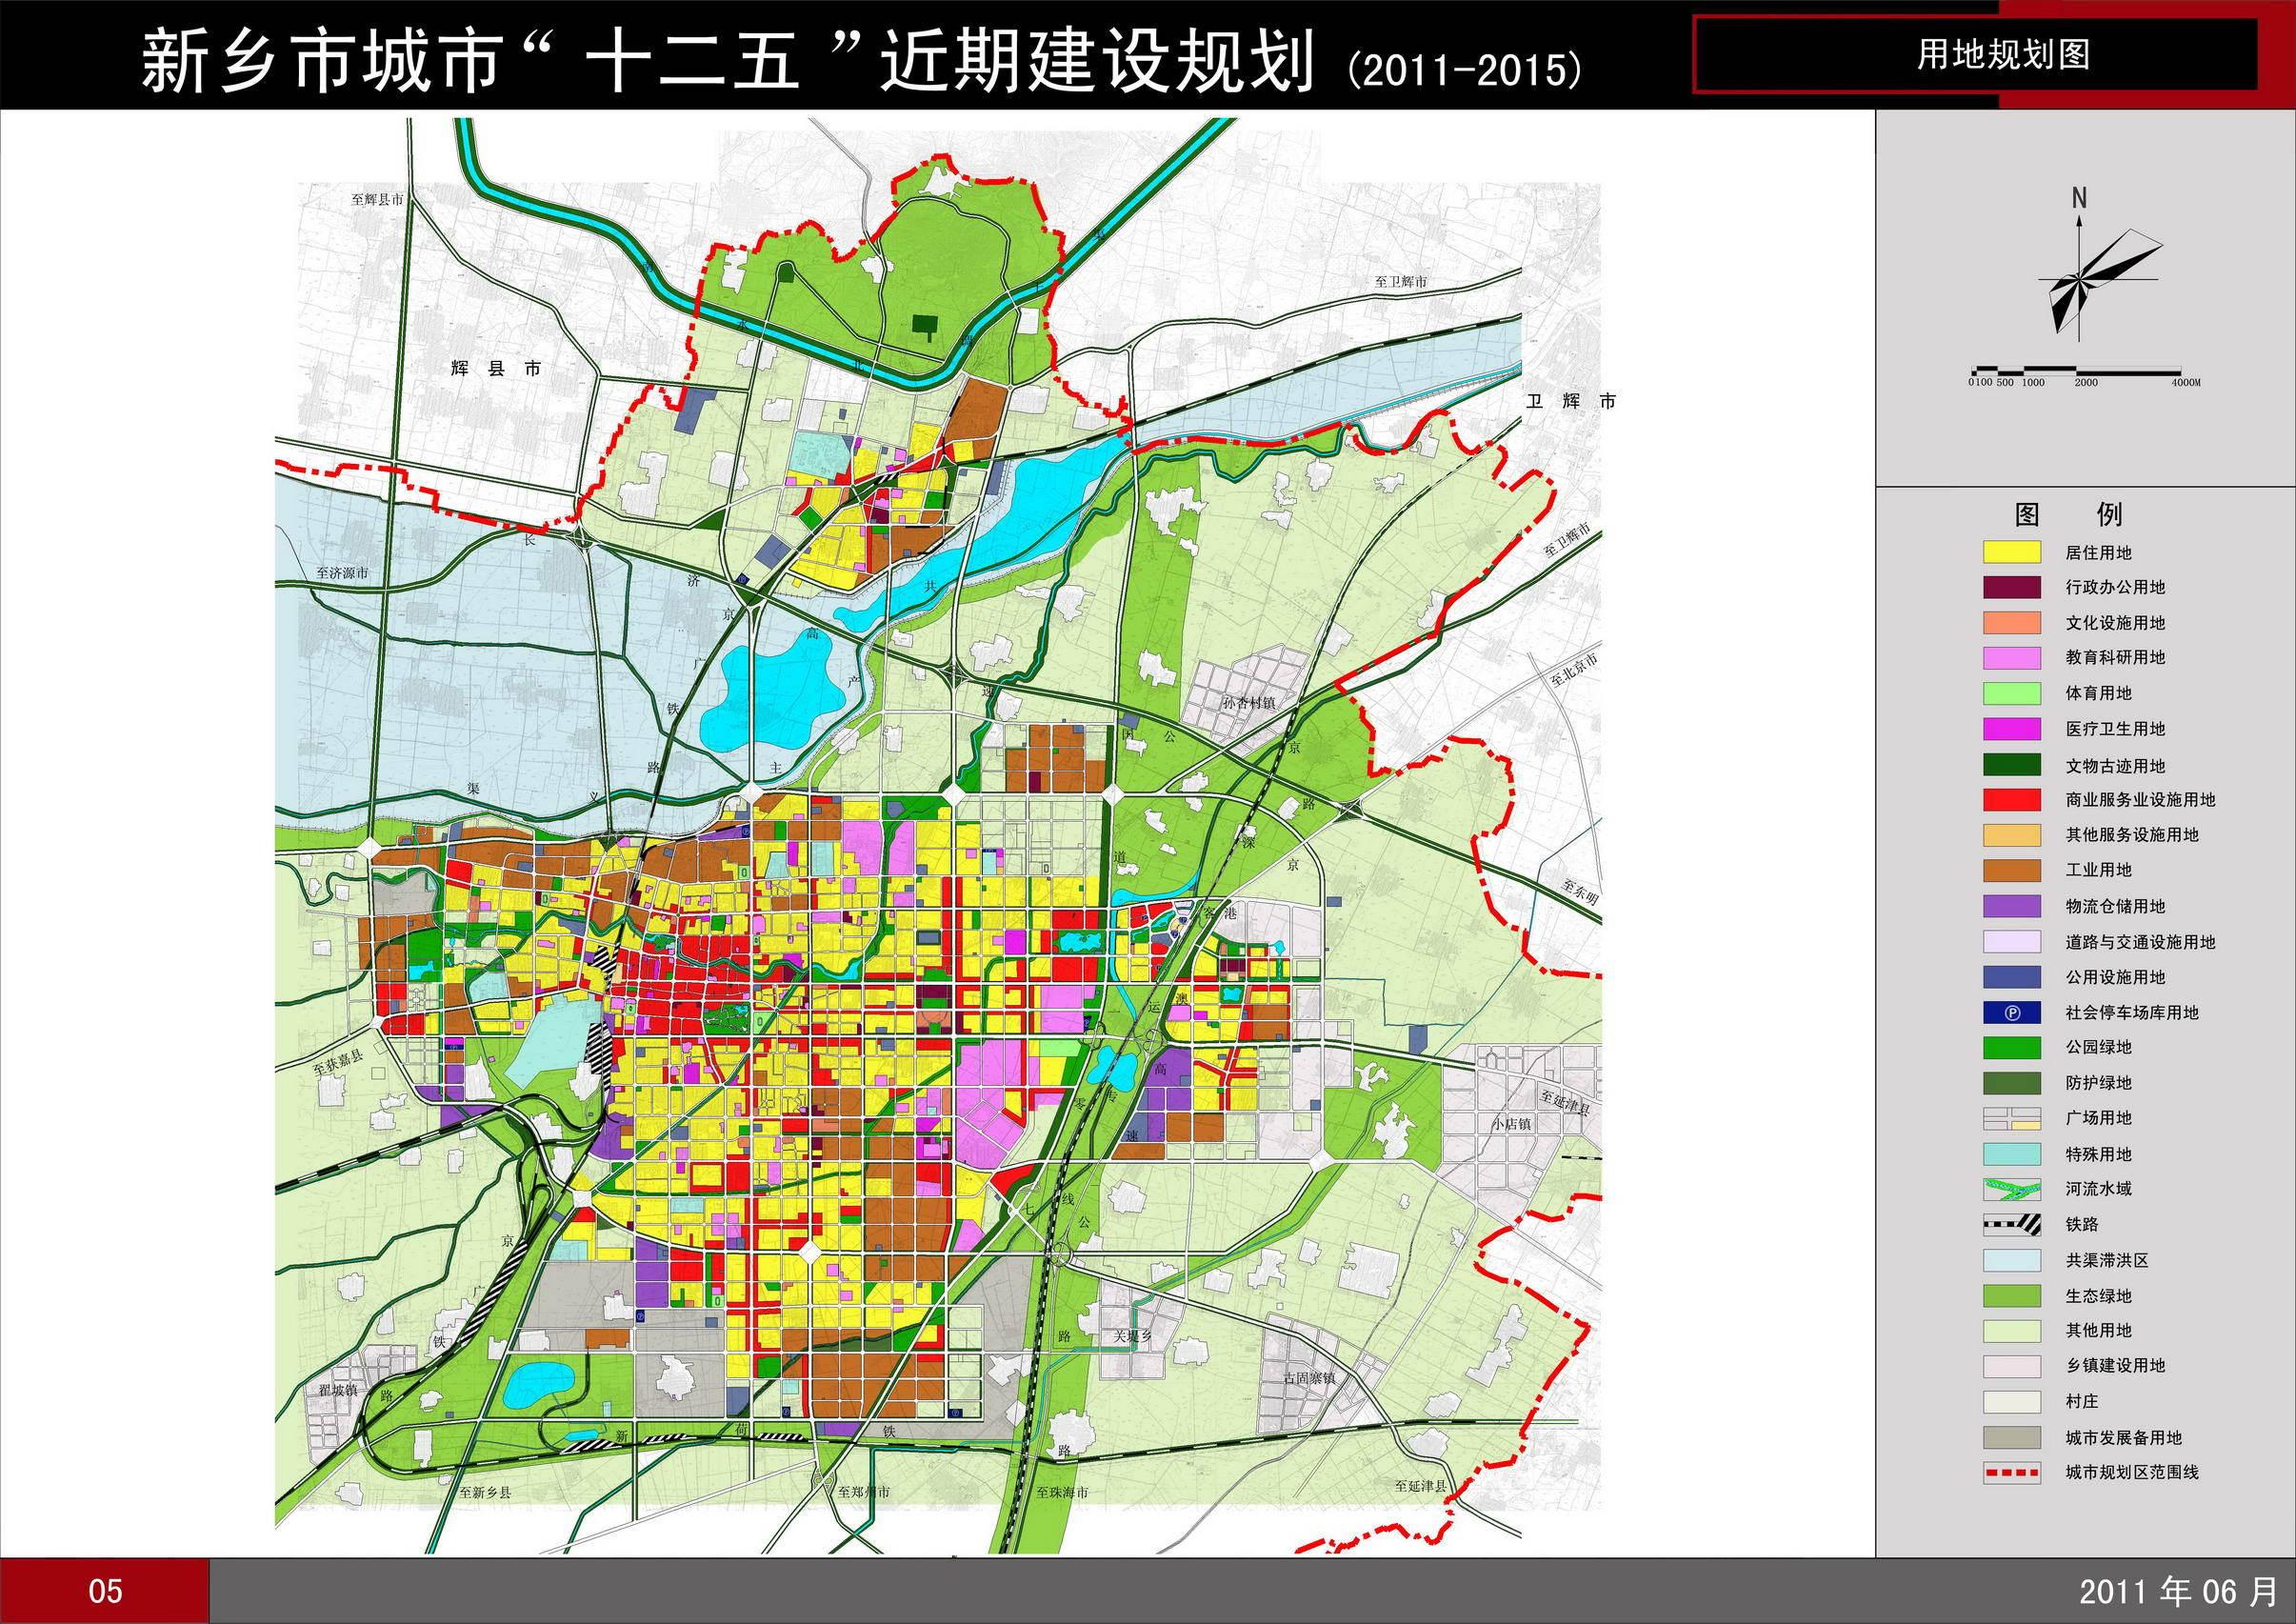 解讀新鄉城市規劃:綠化崛起 沿河生態樓盤漸熱_城市建設_新浪房產_新浪網